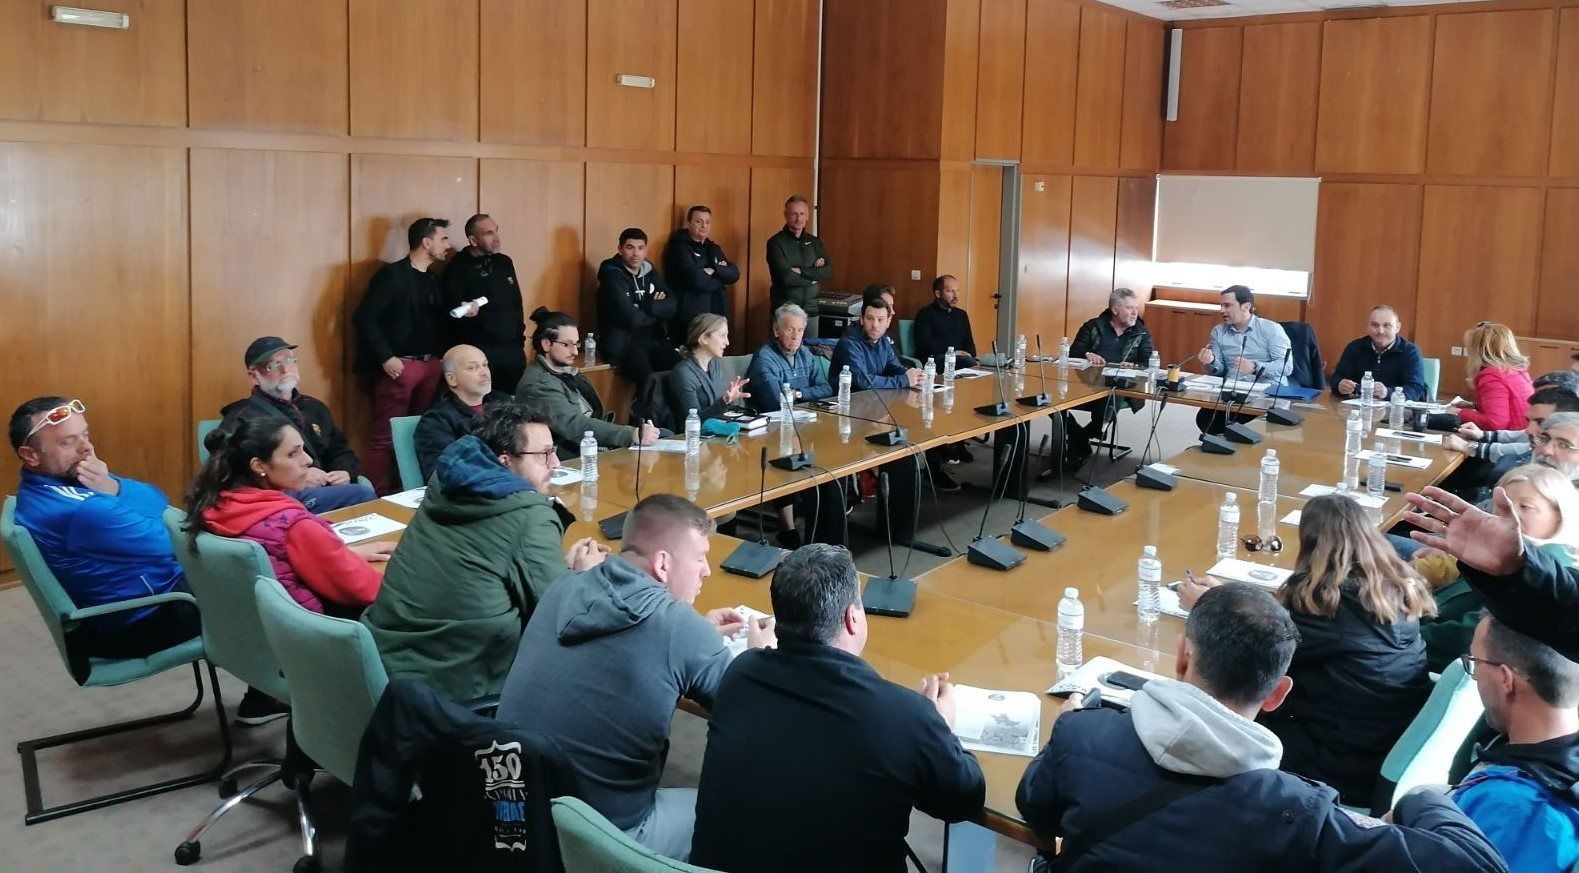 ΠΔΕ: Σύσκεψη στον Πύργο του βοηθού Περιφερειάρχη με αρμοδιότητες Αθλητισμού- Ολυμπισμού Δημήτρη Νικολακόπουλου με αθλητικούς φορείς και Σωματεία ενόψει των πολιτιστικών και αθλητικών εκδηλώσεων της Αφής Ολυμπιακής φλόγας